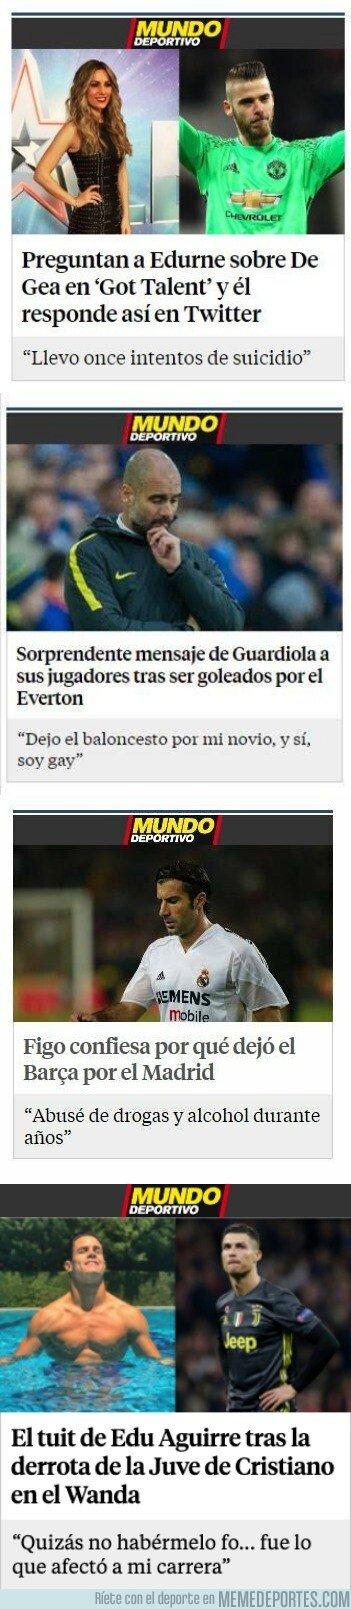 1065227 - Al Mundo Deportivo se le da muy bien maquetar las noticias de 2 en 2, vía @barq_in